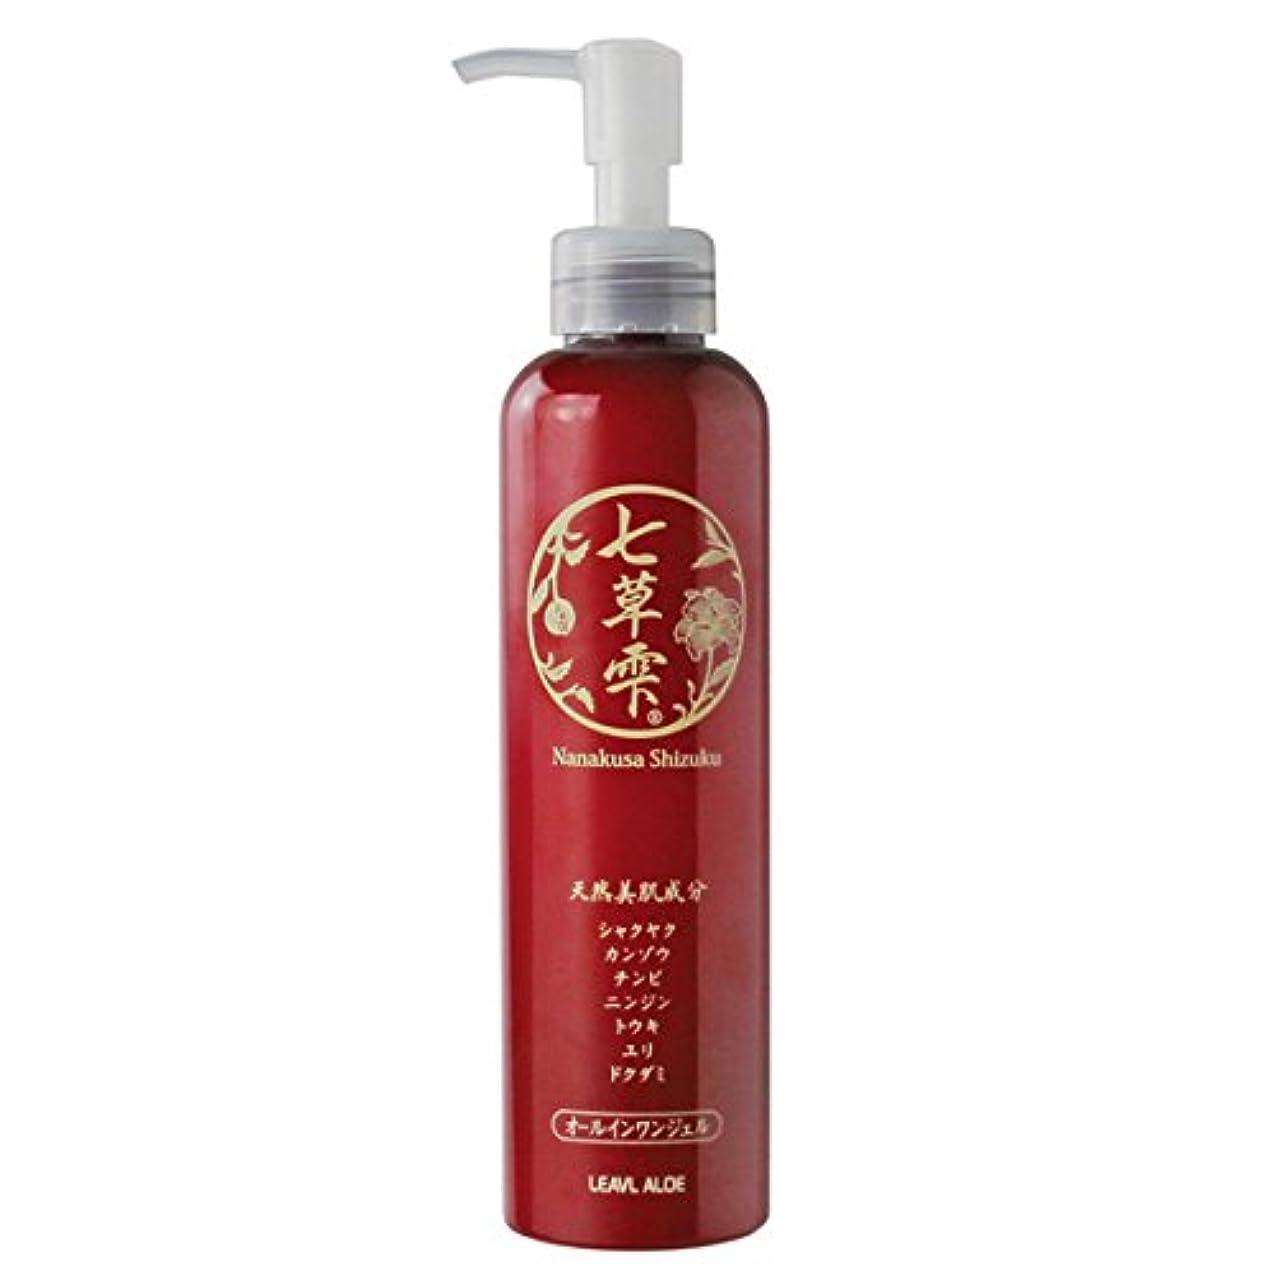 品変換する愛情深いフタバ化学 化粧水 保湿 九州 温泉 浴場 乳液不要 七草雫オールインワンジェル